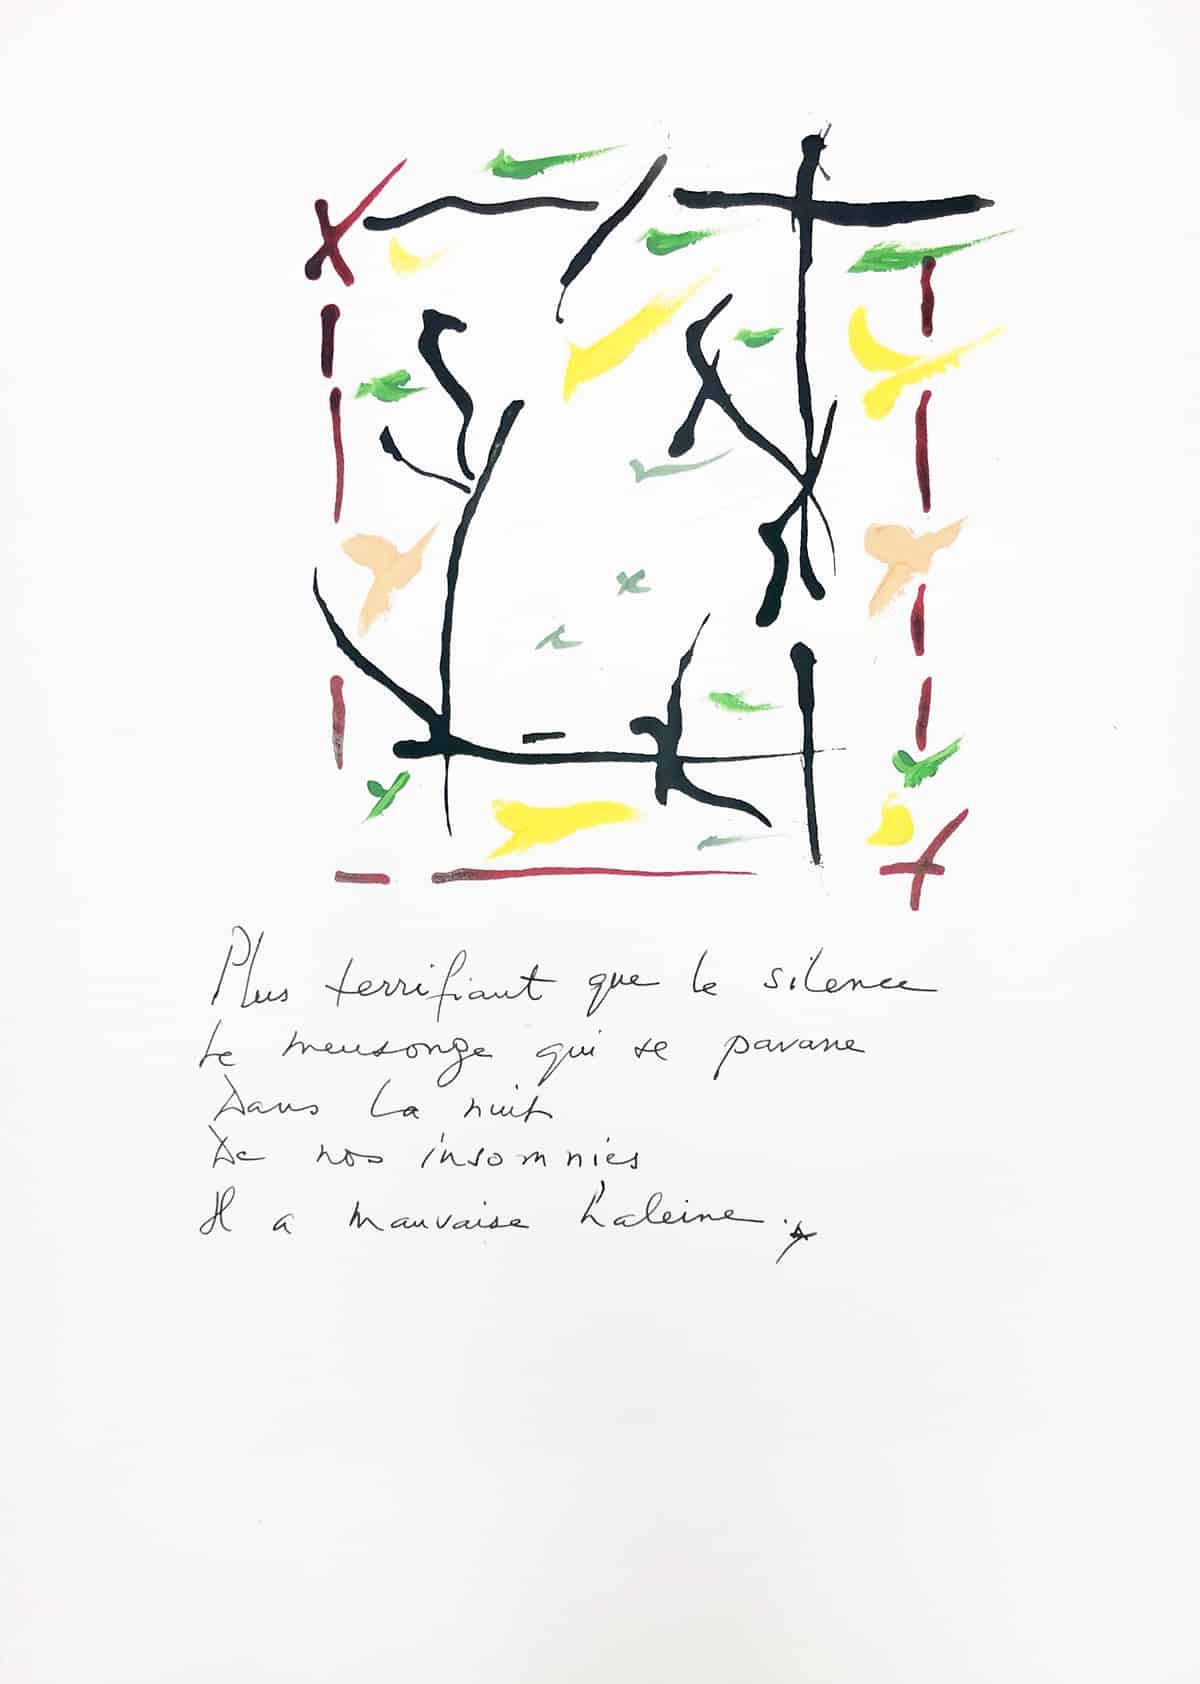 Plus terrifiant que le silence, le mensonge qui se pavane, 2019 Dessin à l'encre, 35,5 x 50 cm ©Tahar Ben Jelloun